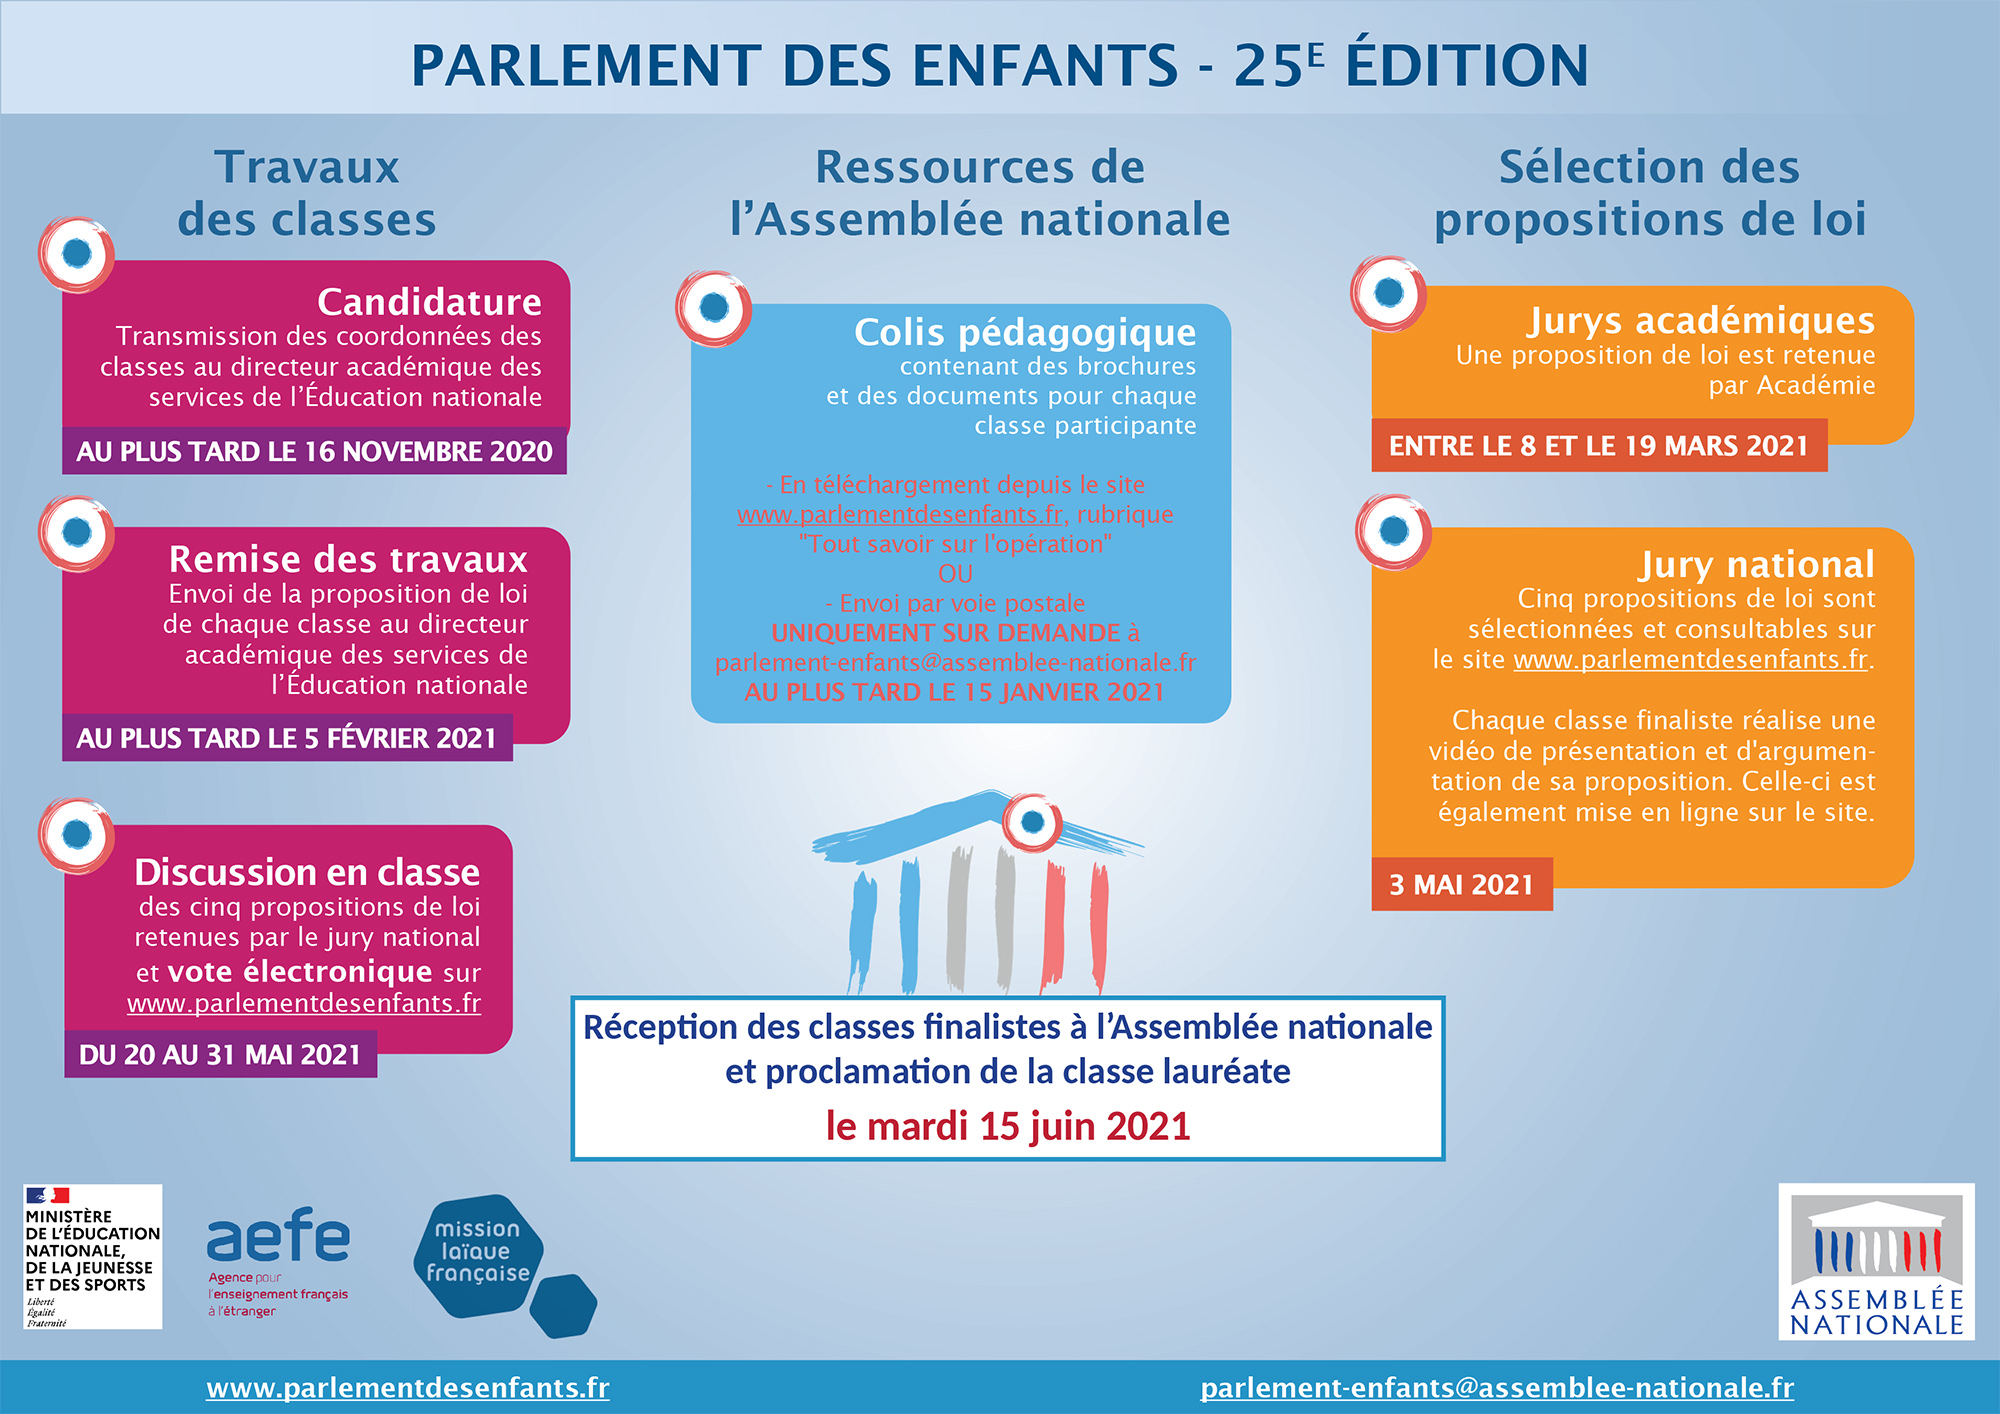 Le Parlement des enfants | Ministère de l'Education Nationale de